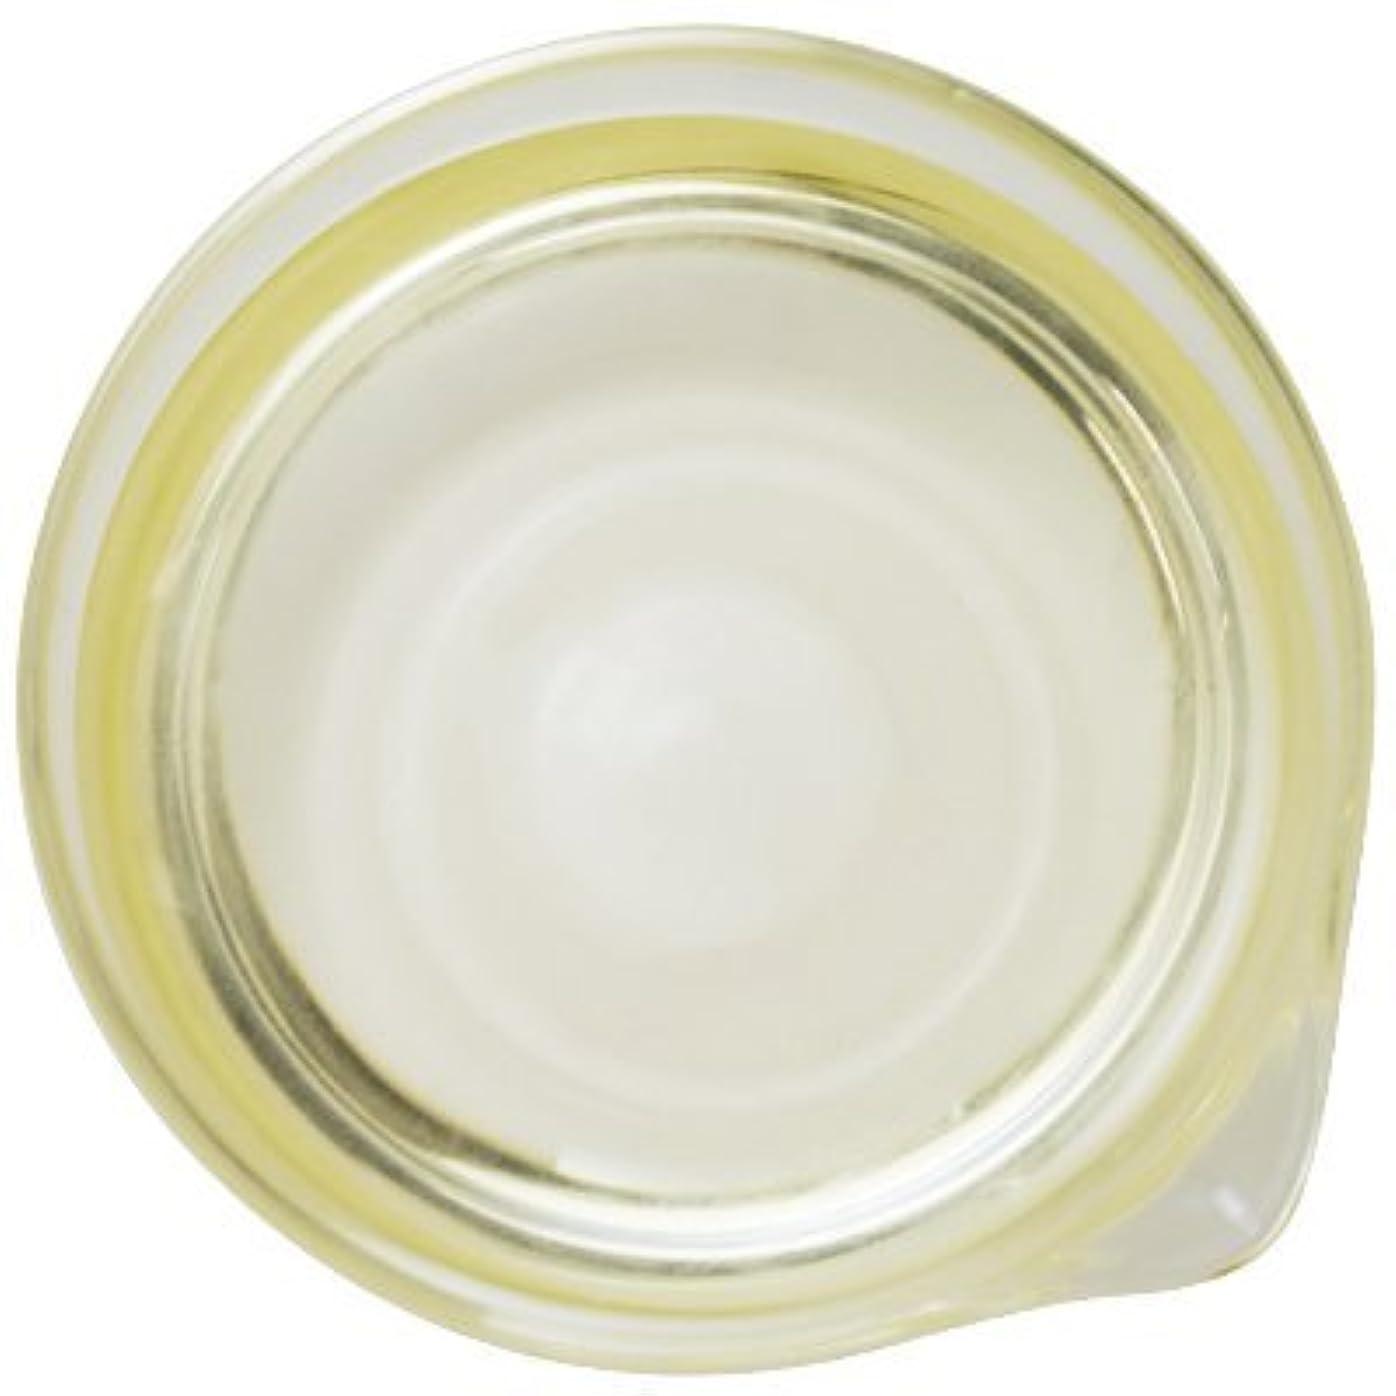 裁量温度依存セサミオイル 1L [白ごま油]【手作り石鹸/手作りコスメ/ごま油】【birth】